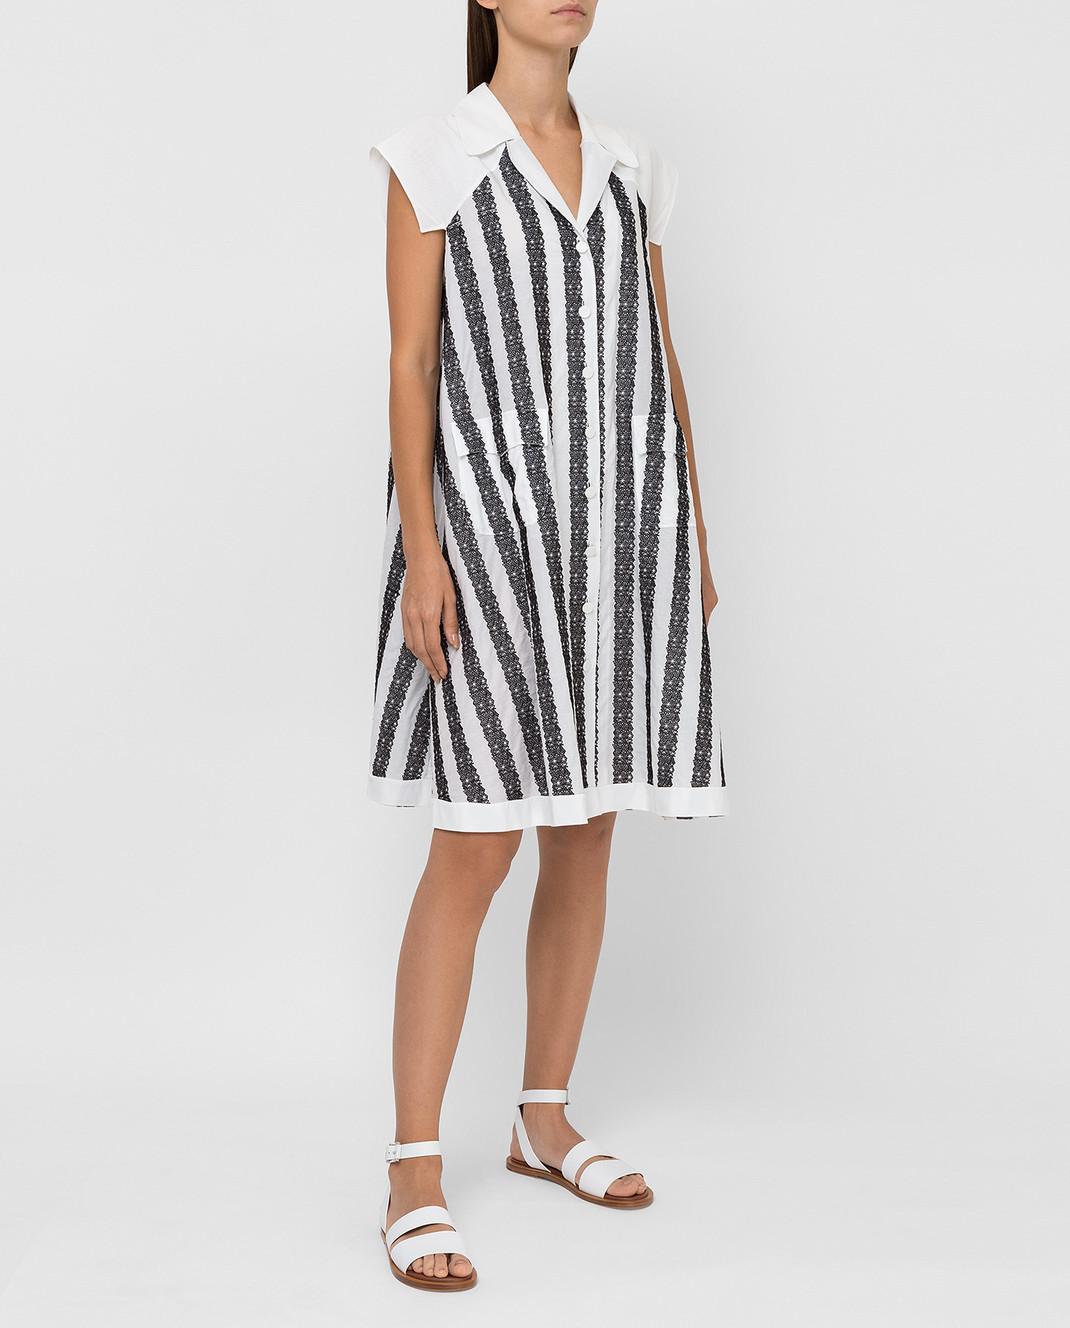 Azzedine Alaia Платье в полоску 6E9RF80CT159 изображение 2